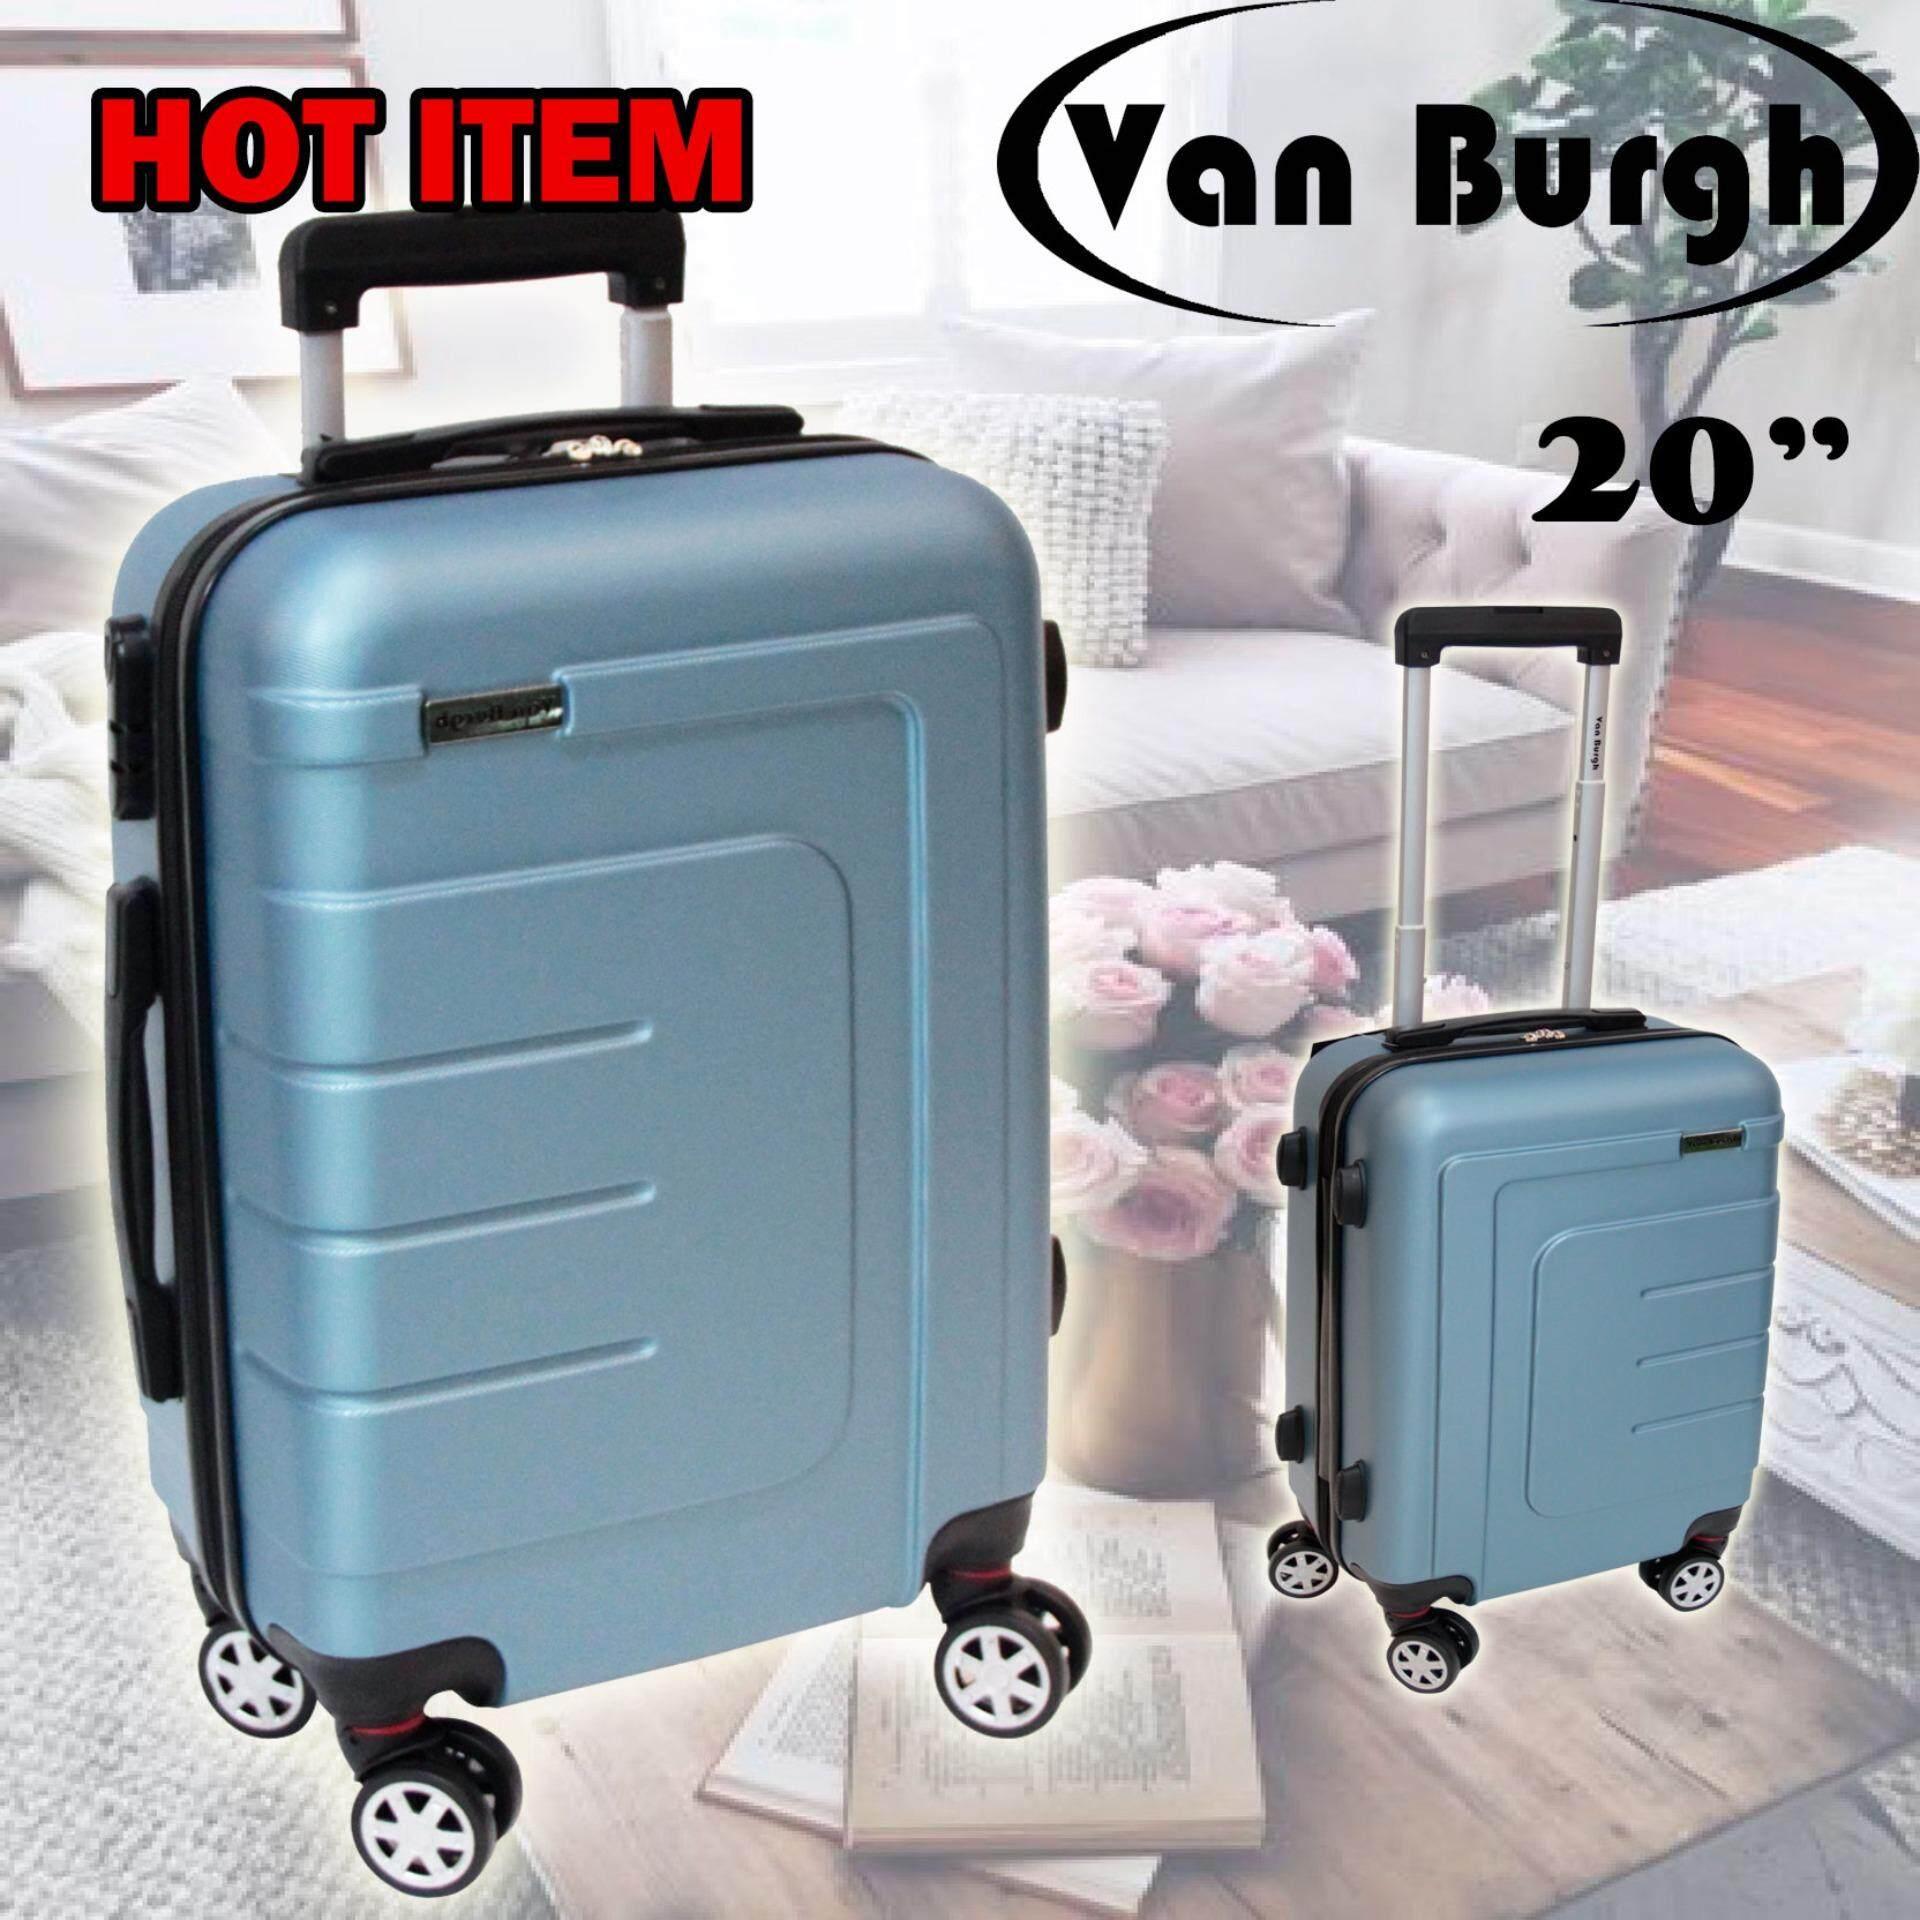 ราคา Van Burgh กระเป๋าเดินทาง 20 นิ้ว ล้อลาก 4 ล้อ รุ่น 19703 สีเทา เป็นต้นฉบับ Van Burgh